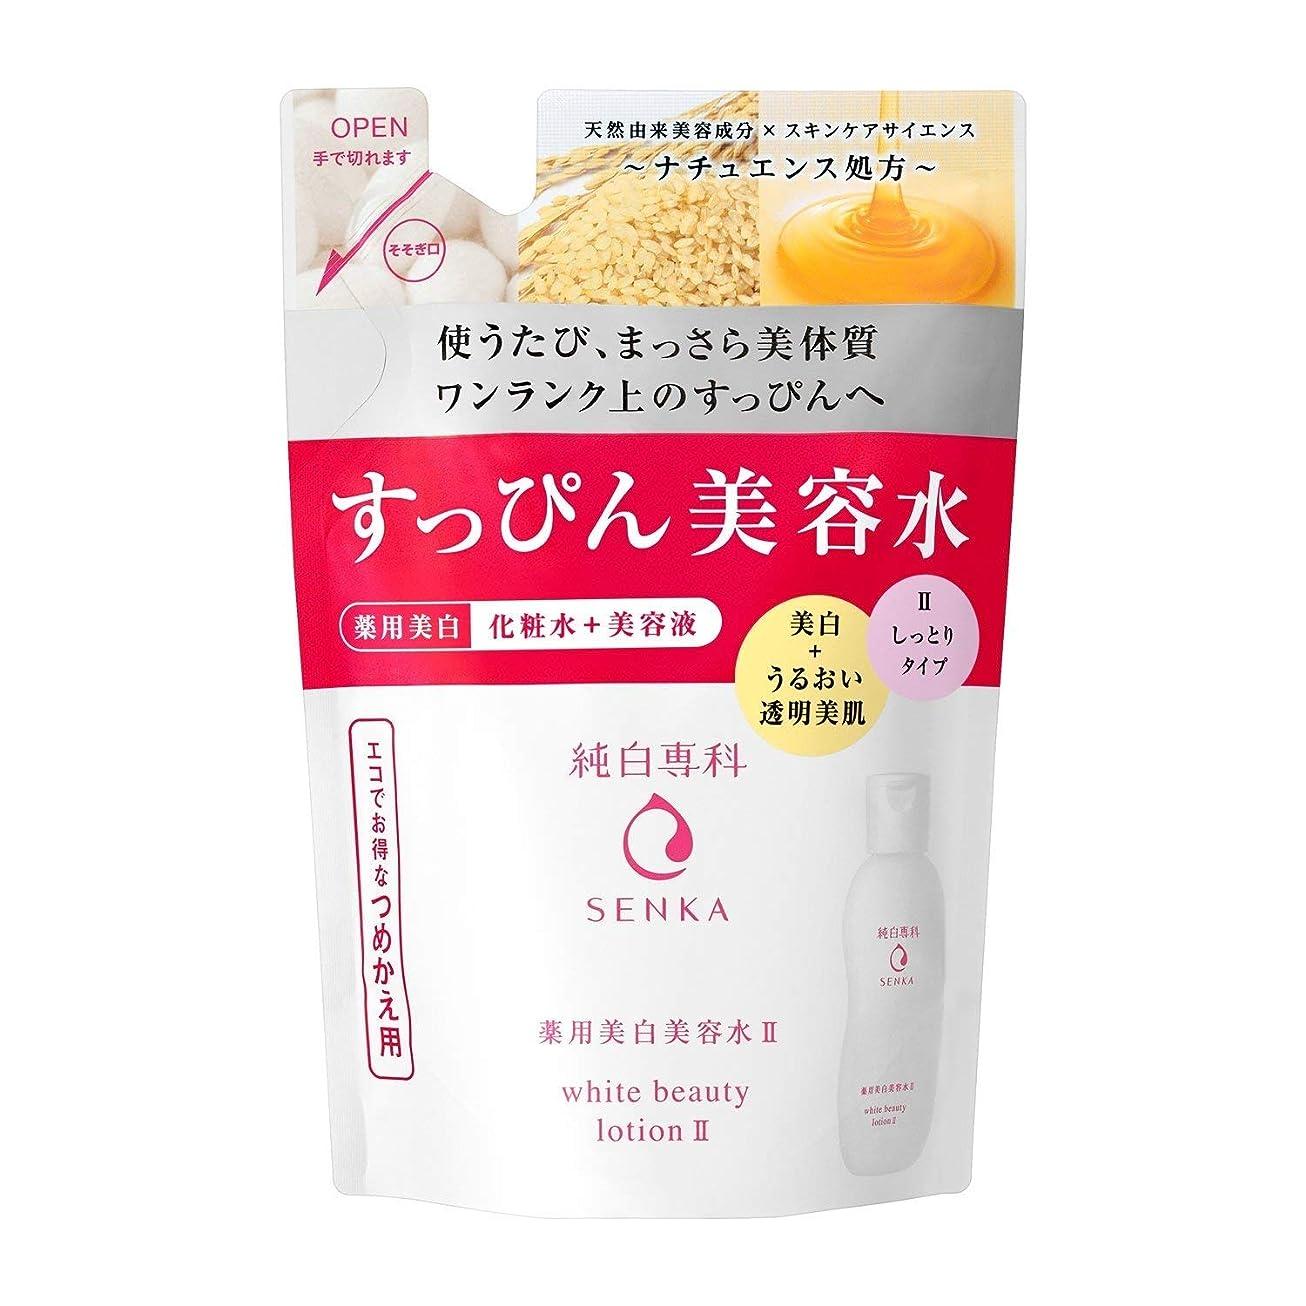 リーダーシップトレースタンク純白専科 すっぴん美容水II 詰め替え (医薬部外品) 化粧水